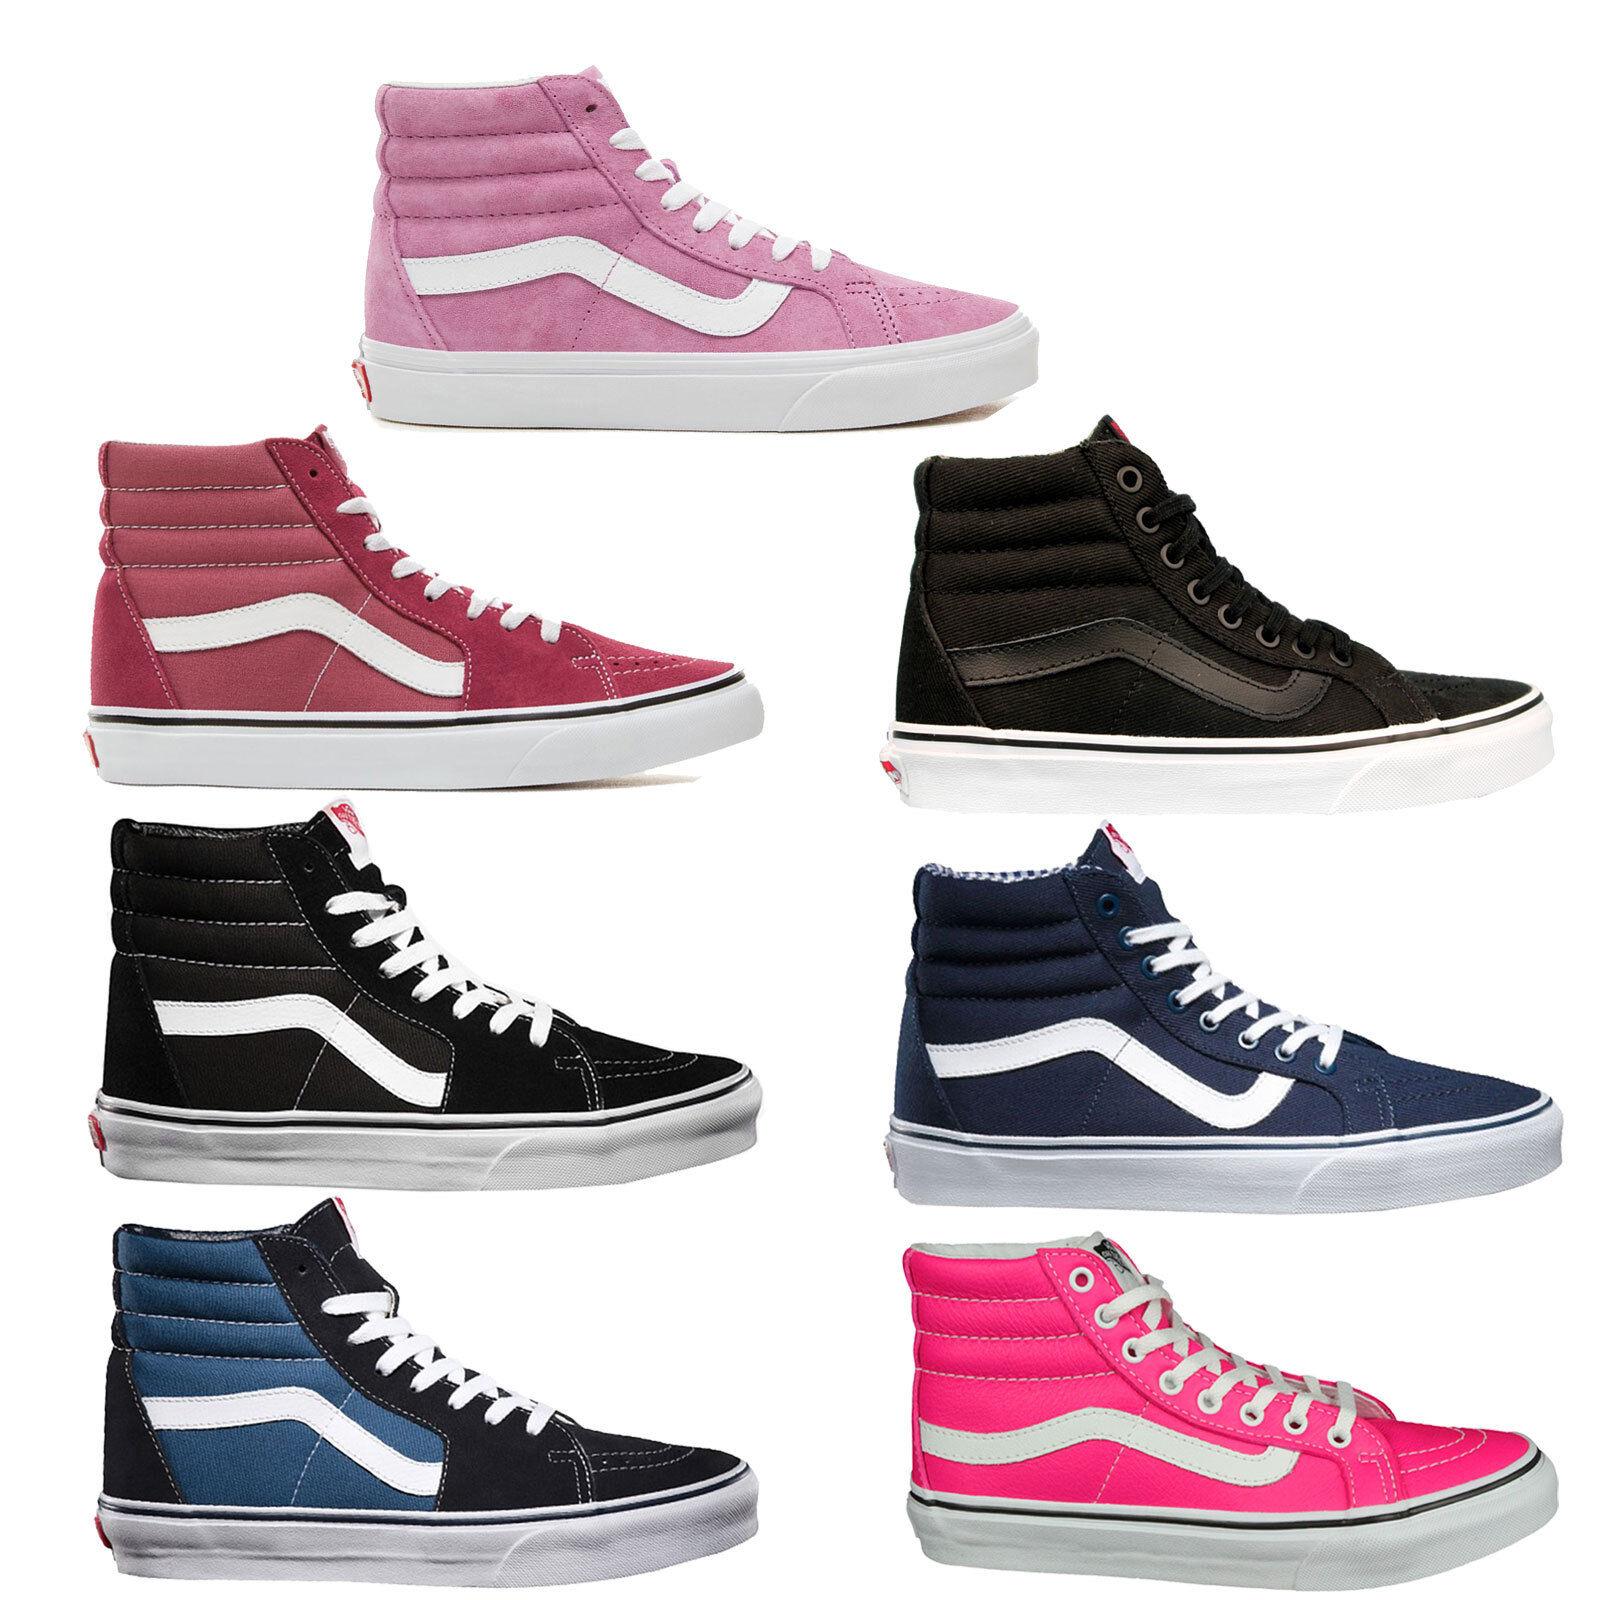 Vans sk8-hi sk8-hi sk8-hi Donna-scarpe da ginnastica skate-Hi Scarpe Alla Caviglia Scarpe Scarpe Da Skate Tempo Libero Nuovo | Resistenza Forte Da Calore E Resistente  | Scolaro/Ragazze Scarpa  023e62